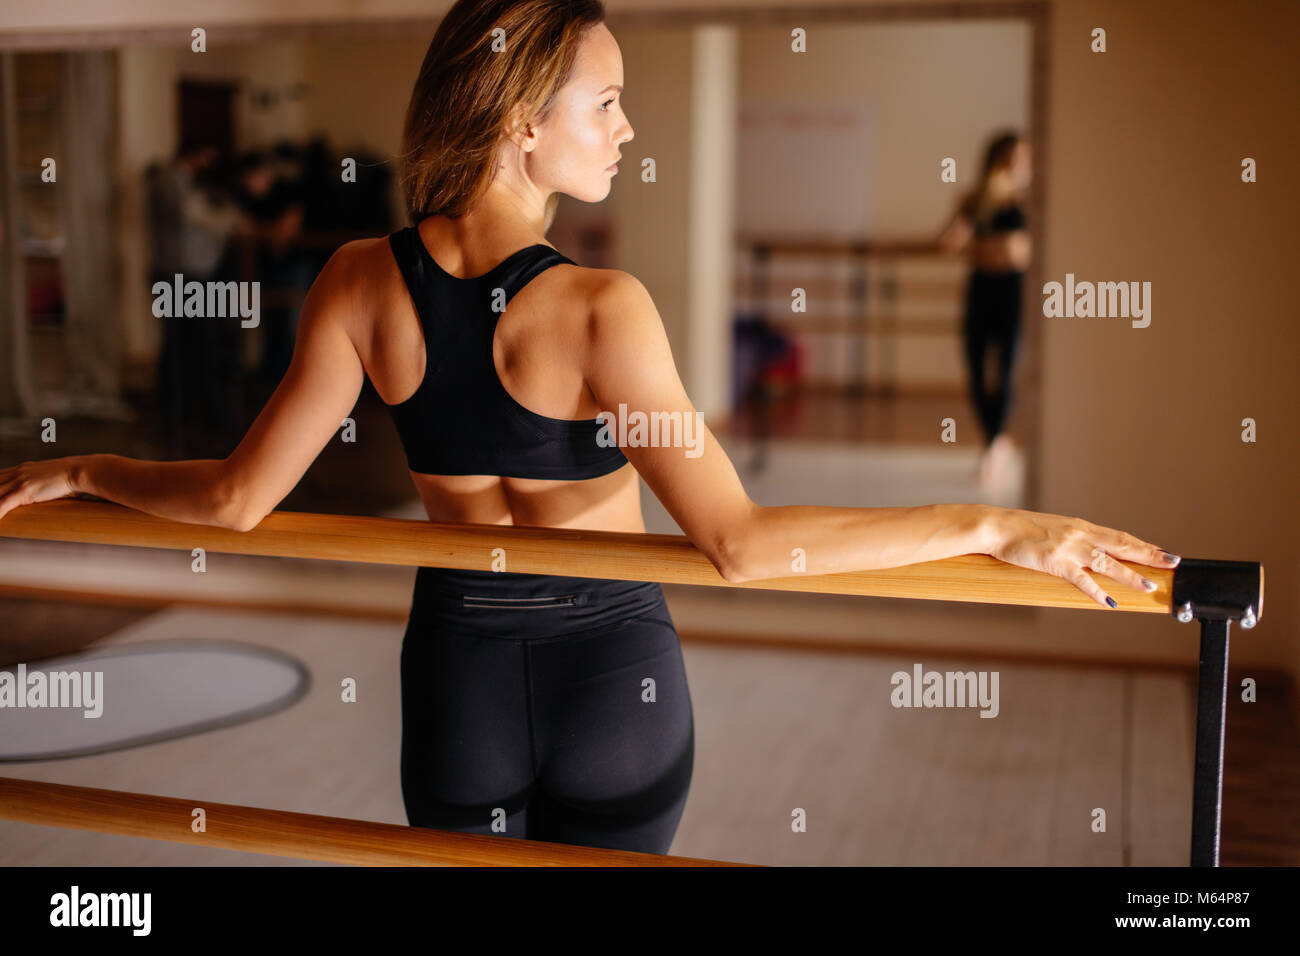 Donna ballerina in posa vicino a barre nel balletto studio. Immagini Stock